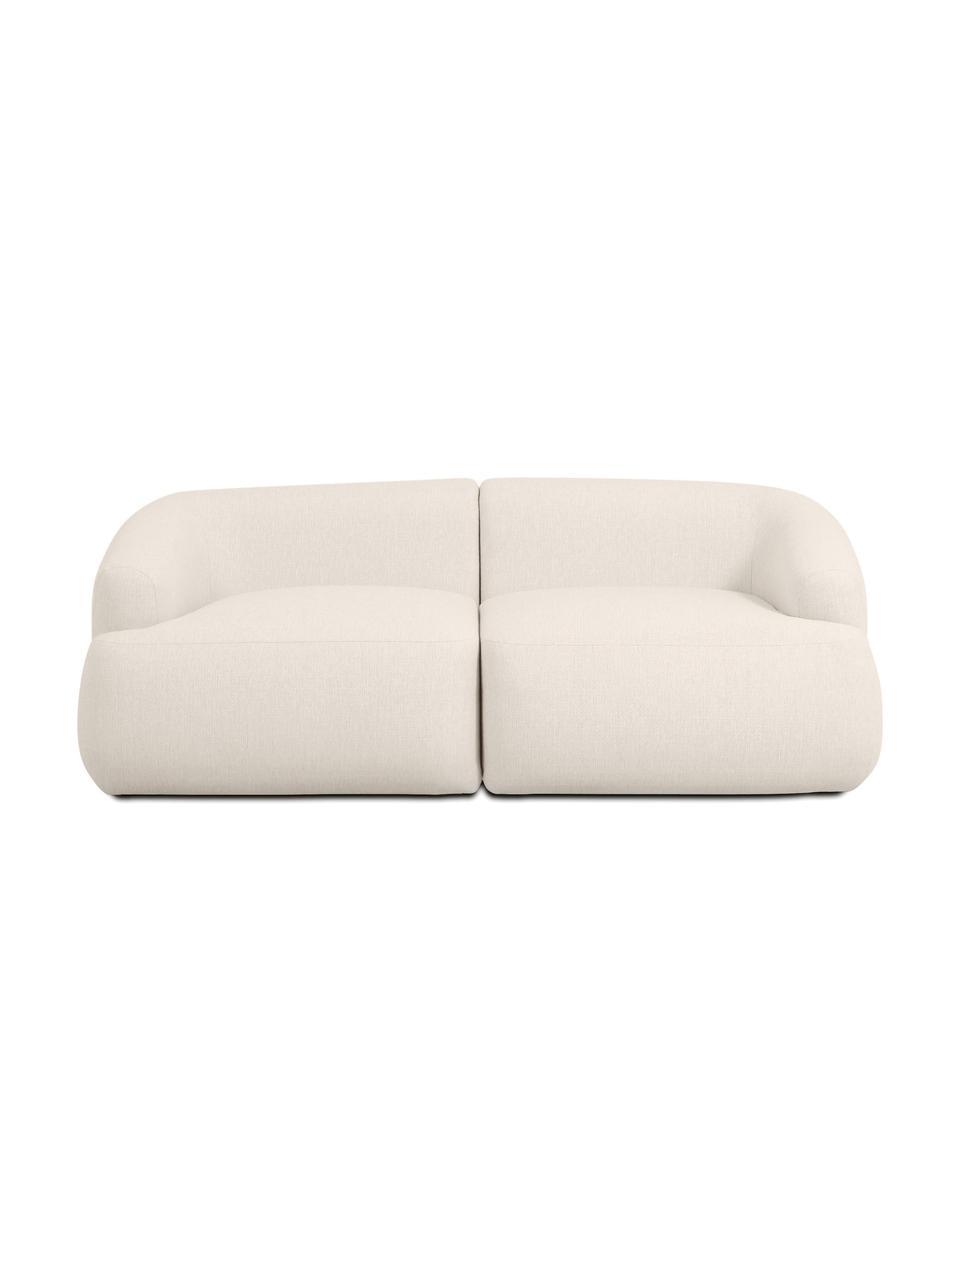 Sofa modułowa Sofia (2-osobowa), Tapicerka: 100% polipropylen Dzięki , Stelaż: lite drewno sosnowe, płyt, Nogi: tworzywo sztuczne, Beżowy, S 192 x G 95 cm